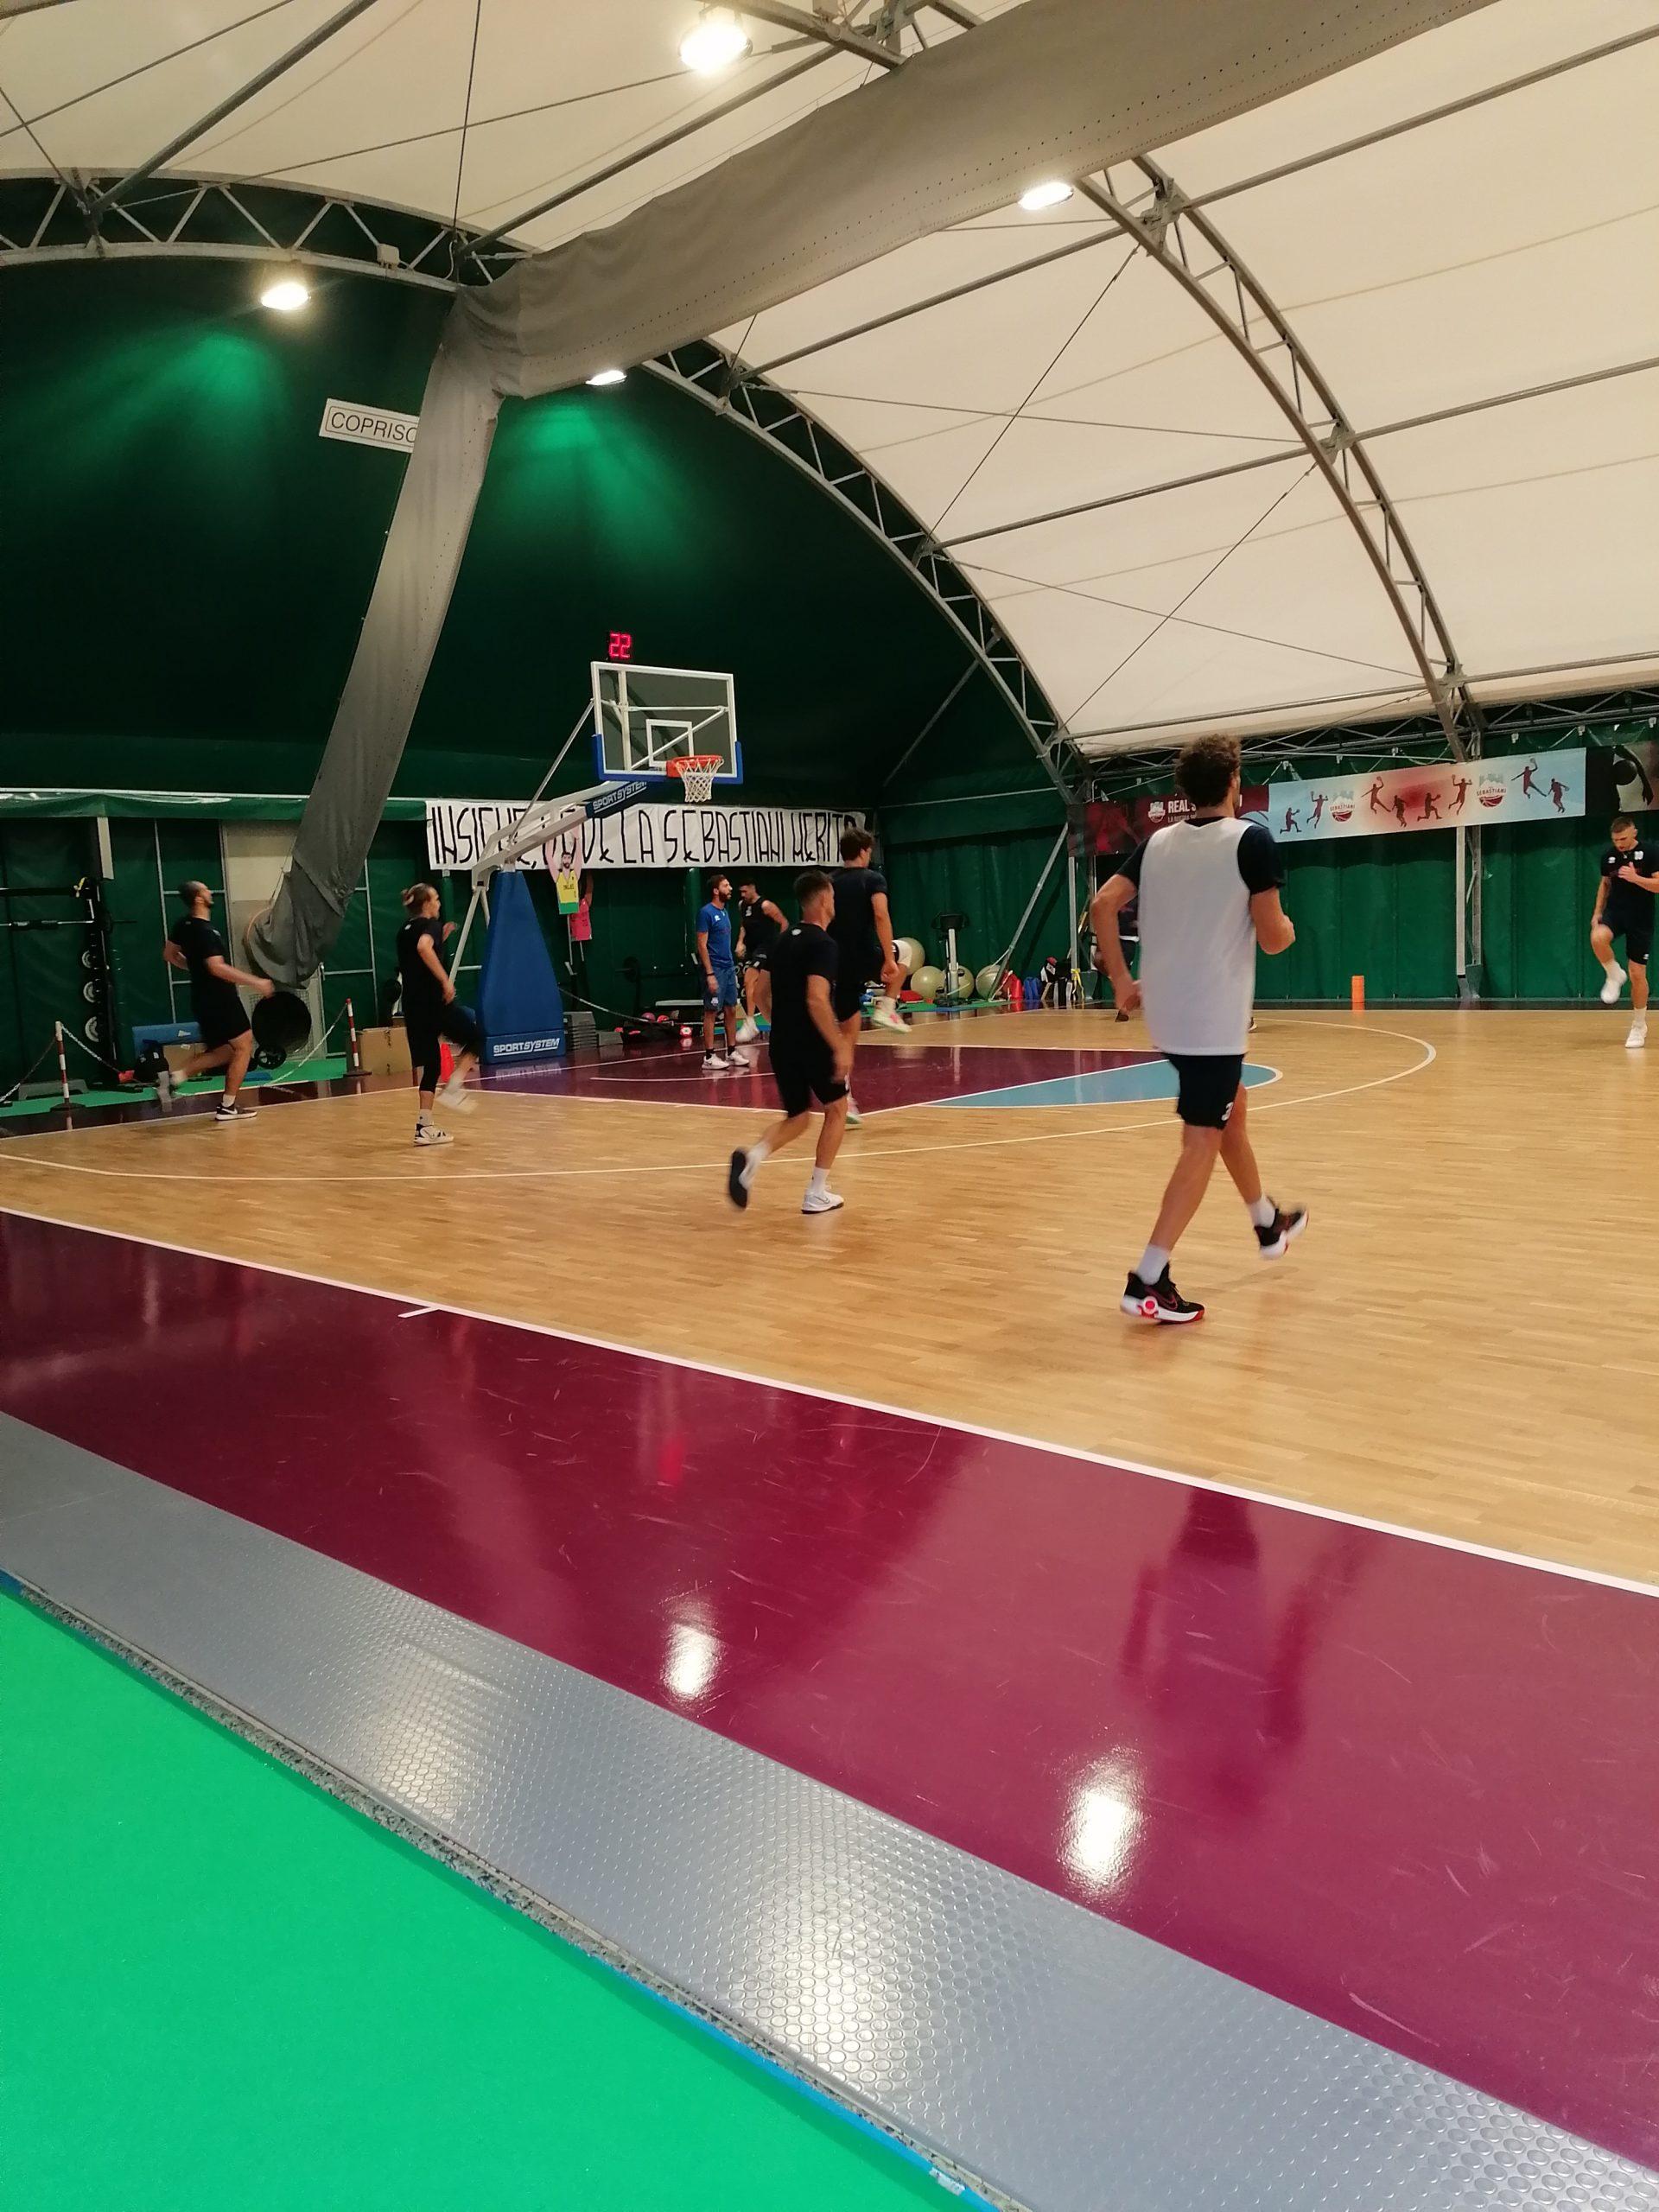 Domenica alle ore 18 la Sebastiani ospita la Del Fes Avellino al PalaSojourner per la Supercoppa